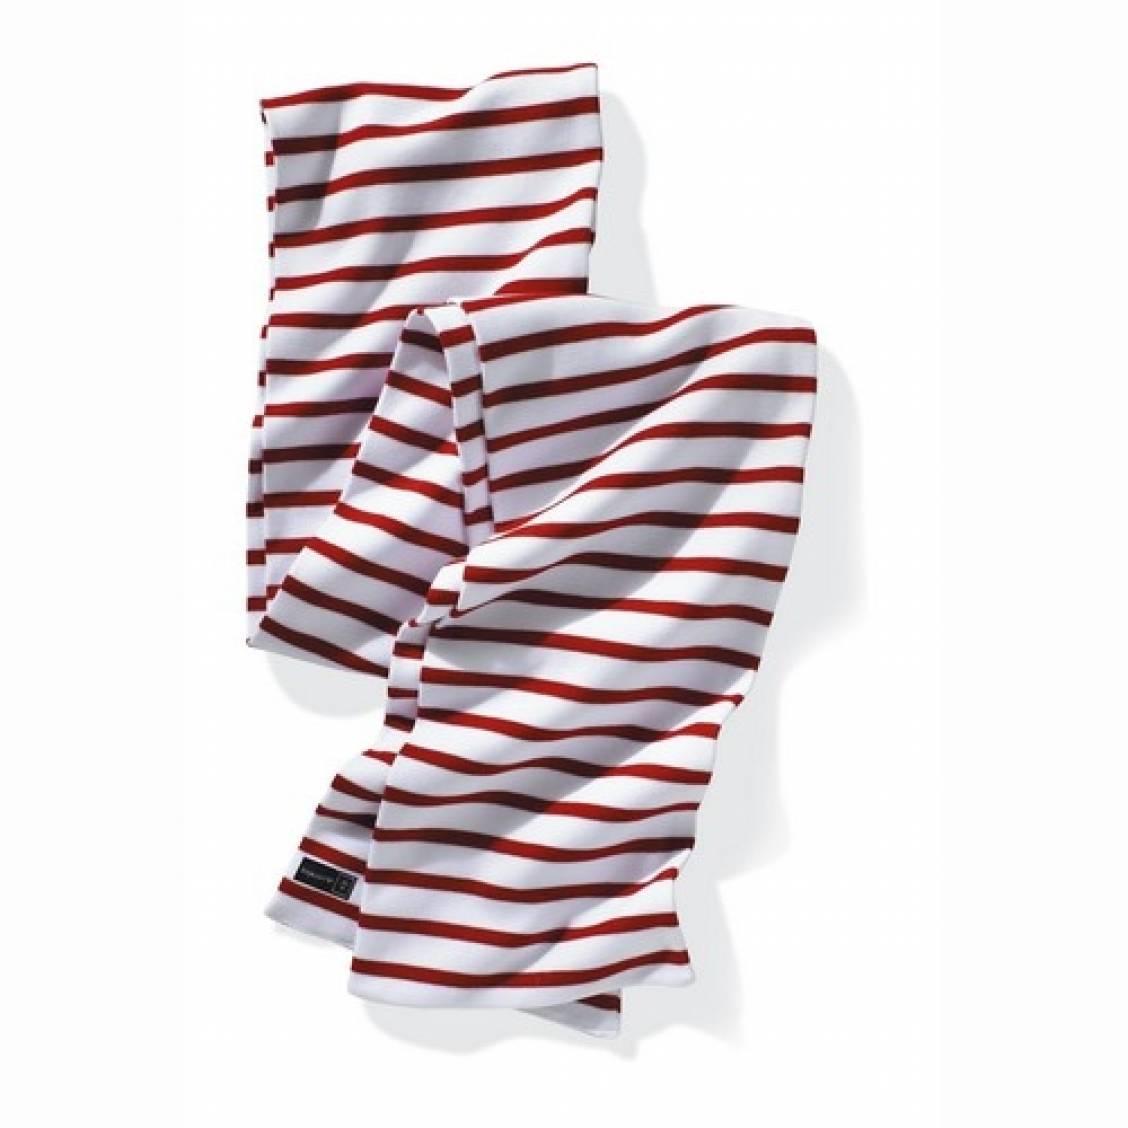 écharpe armor lux à rayures rouges et blanches